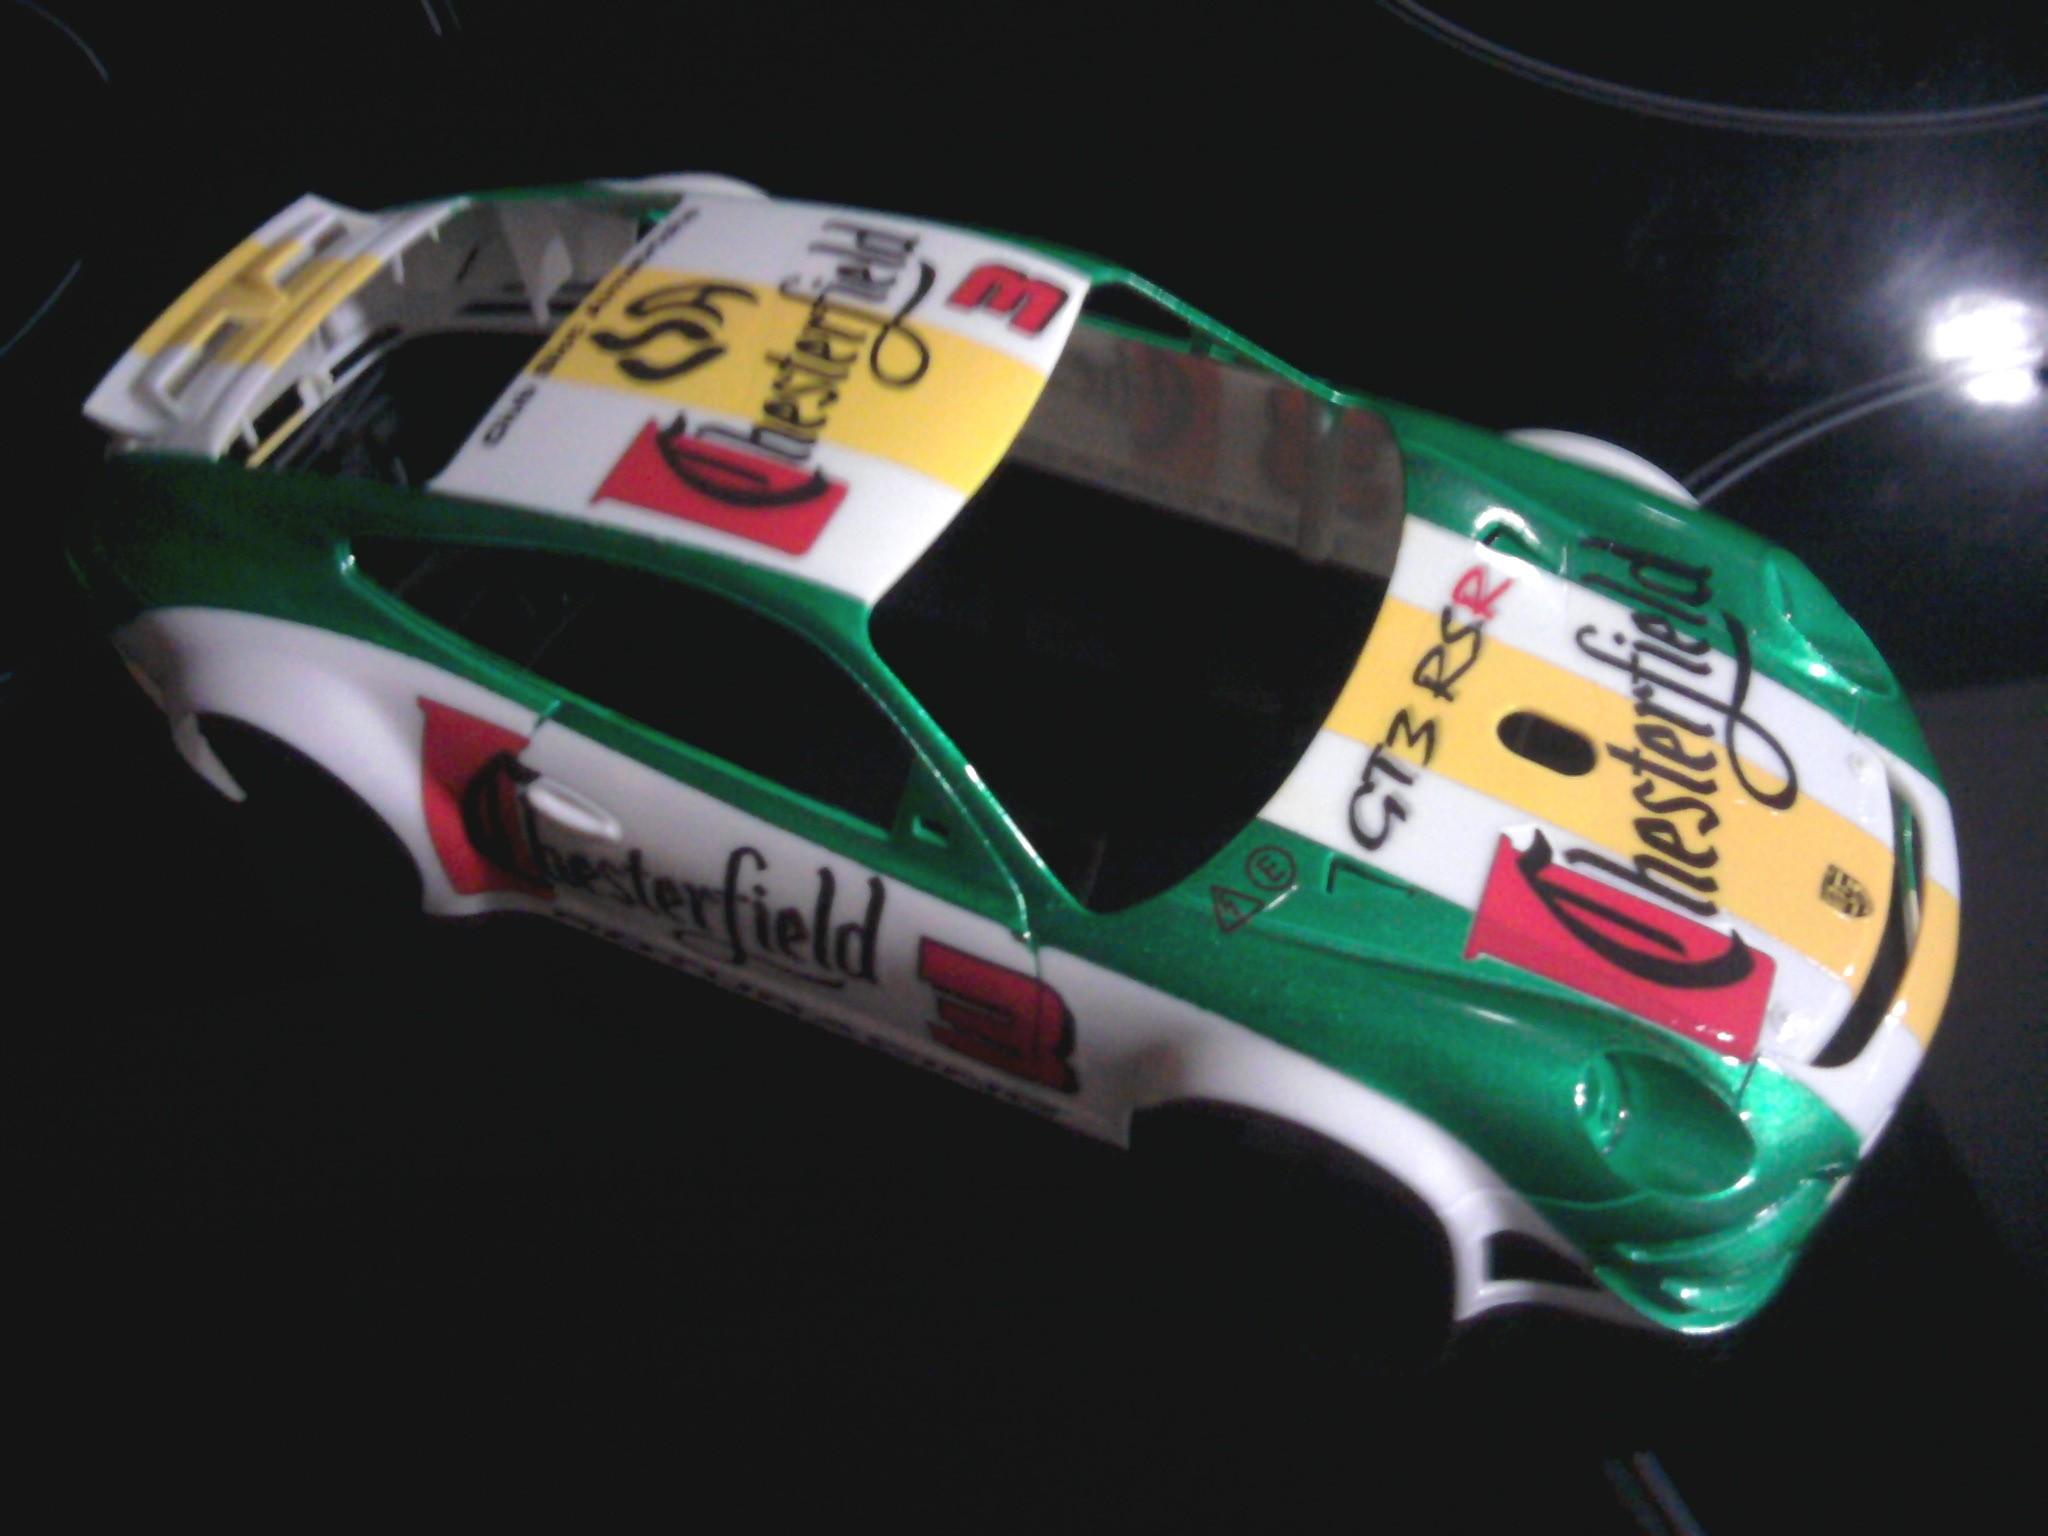 Porsche 911 997 Gt3 1:24 in project encargo de D. Francisco Miguel por SDH Diseños